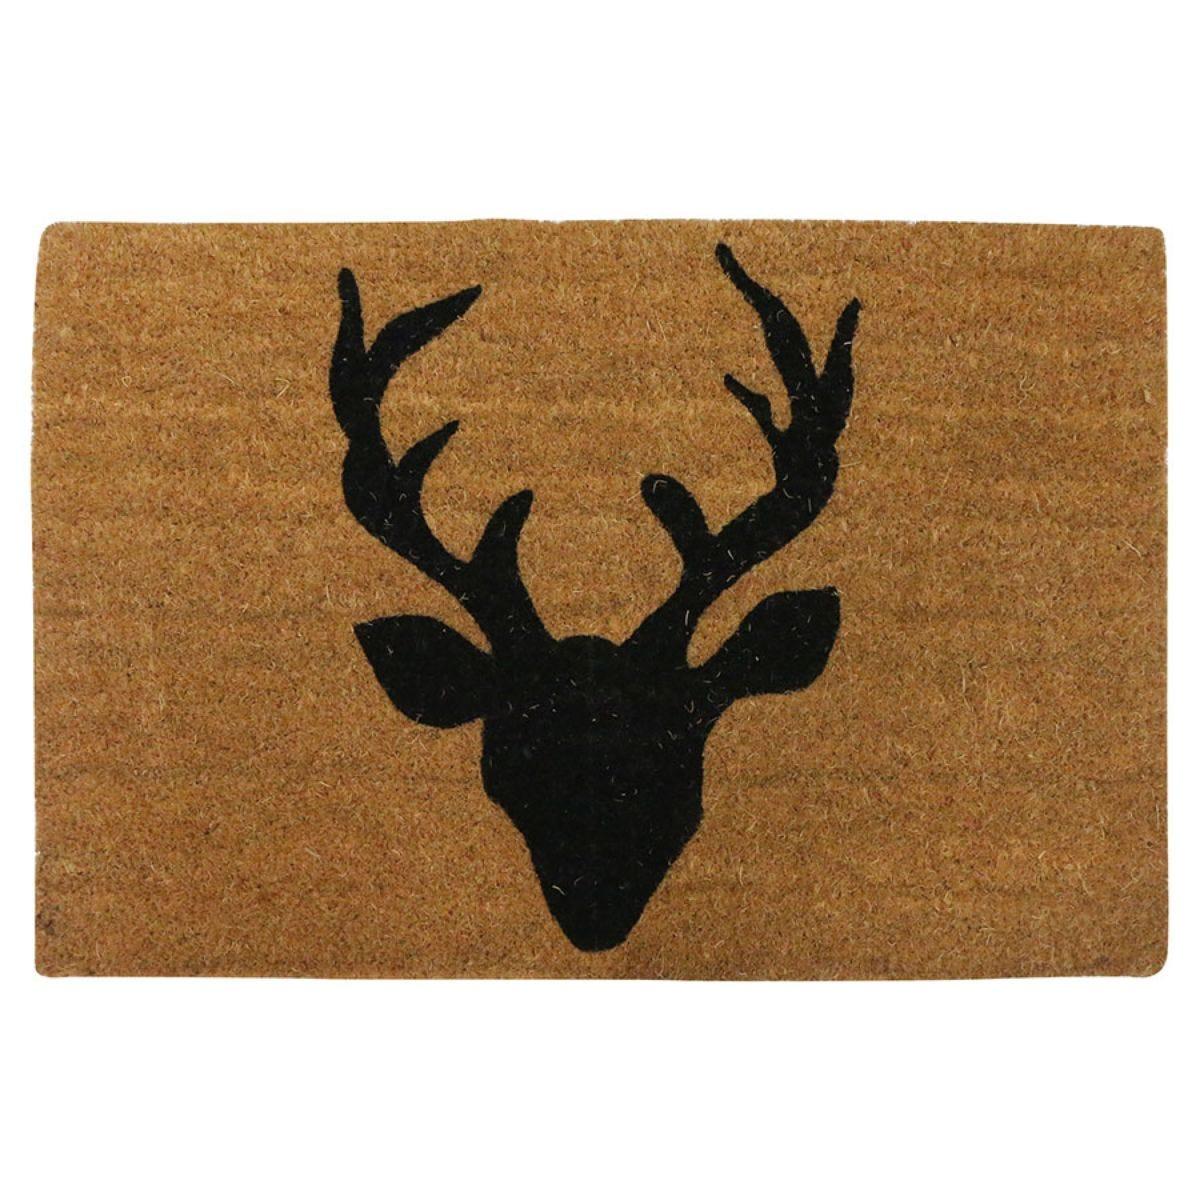 Home Essentials Deer Welcome Coir Doormat - Natural